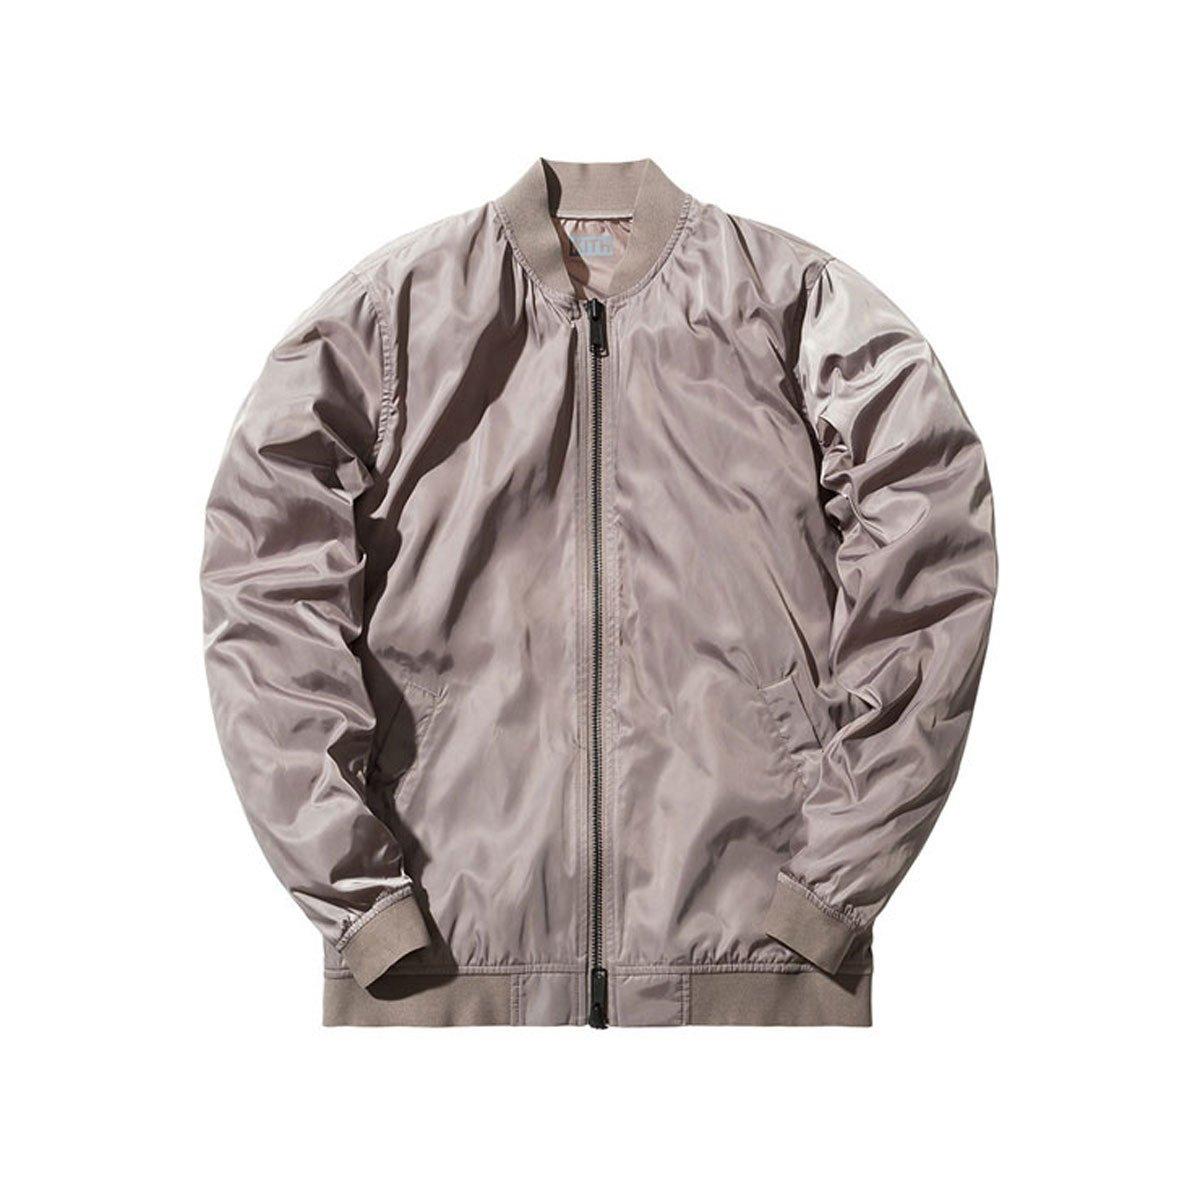 [キス] KITH 正規品 メンズ ジャケット 並行輸入品 B01J9KHIQA S|01 1 S